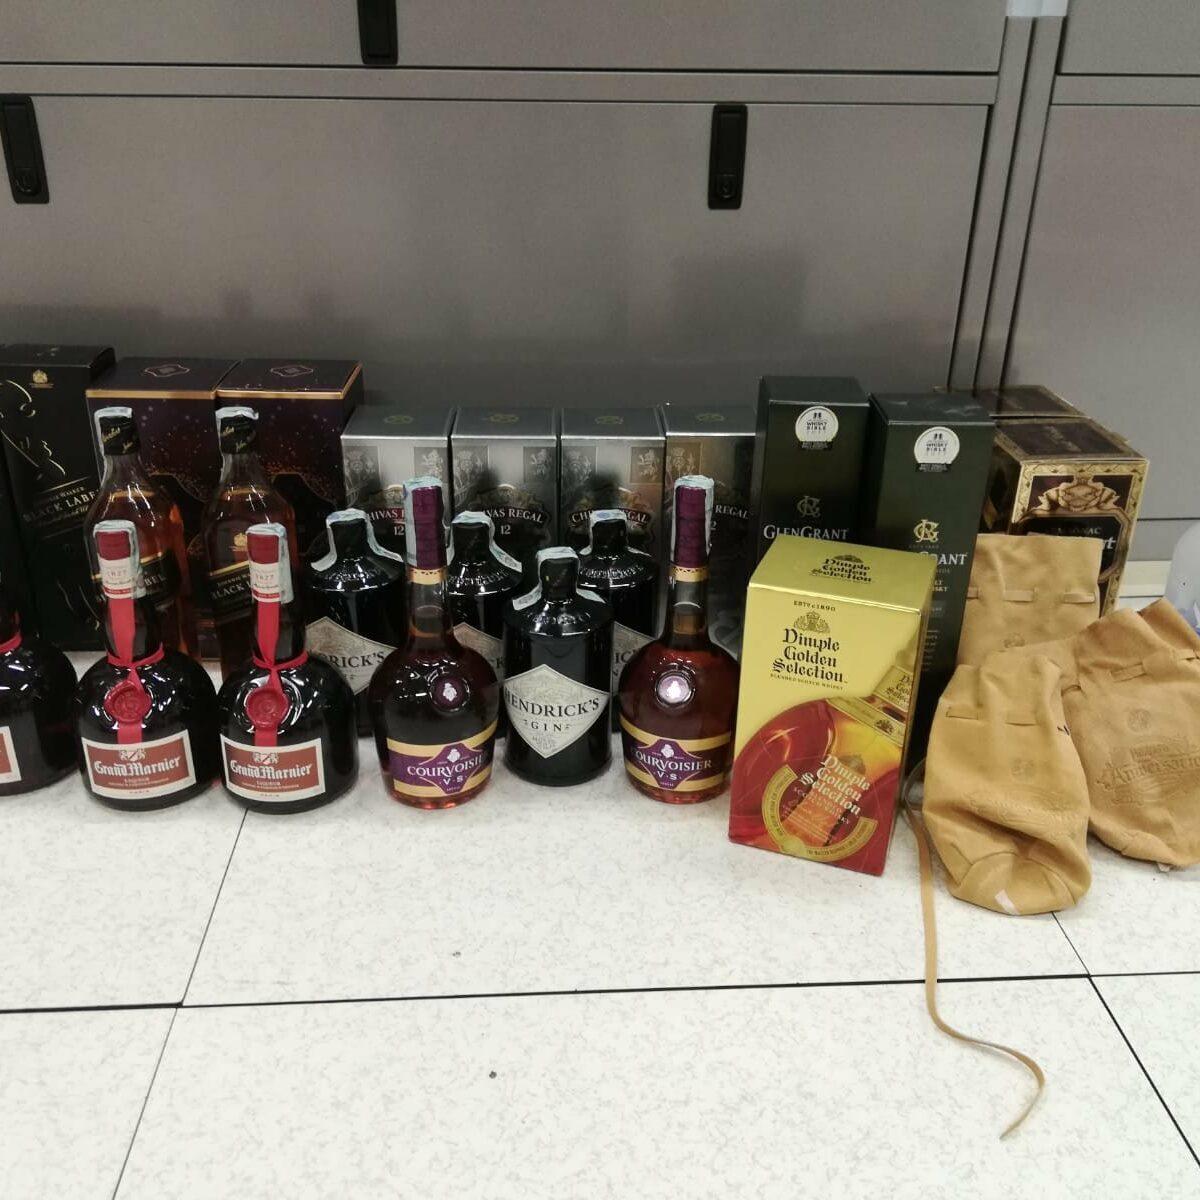 Forlì, rubano alcolici per 370 euro. Nei guai due ragazze di 23 anni